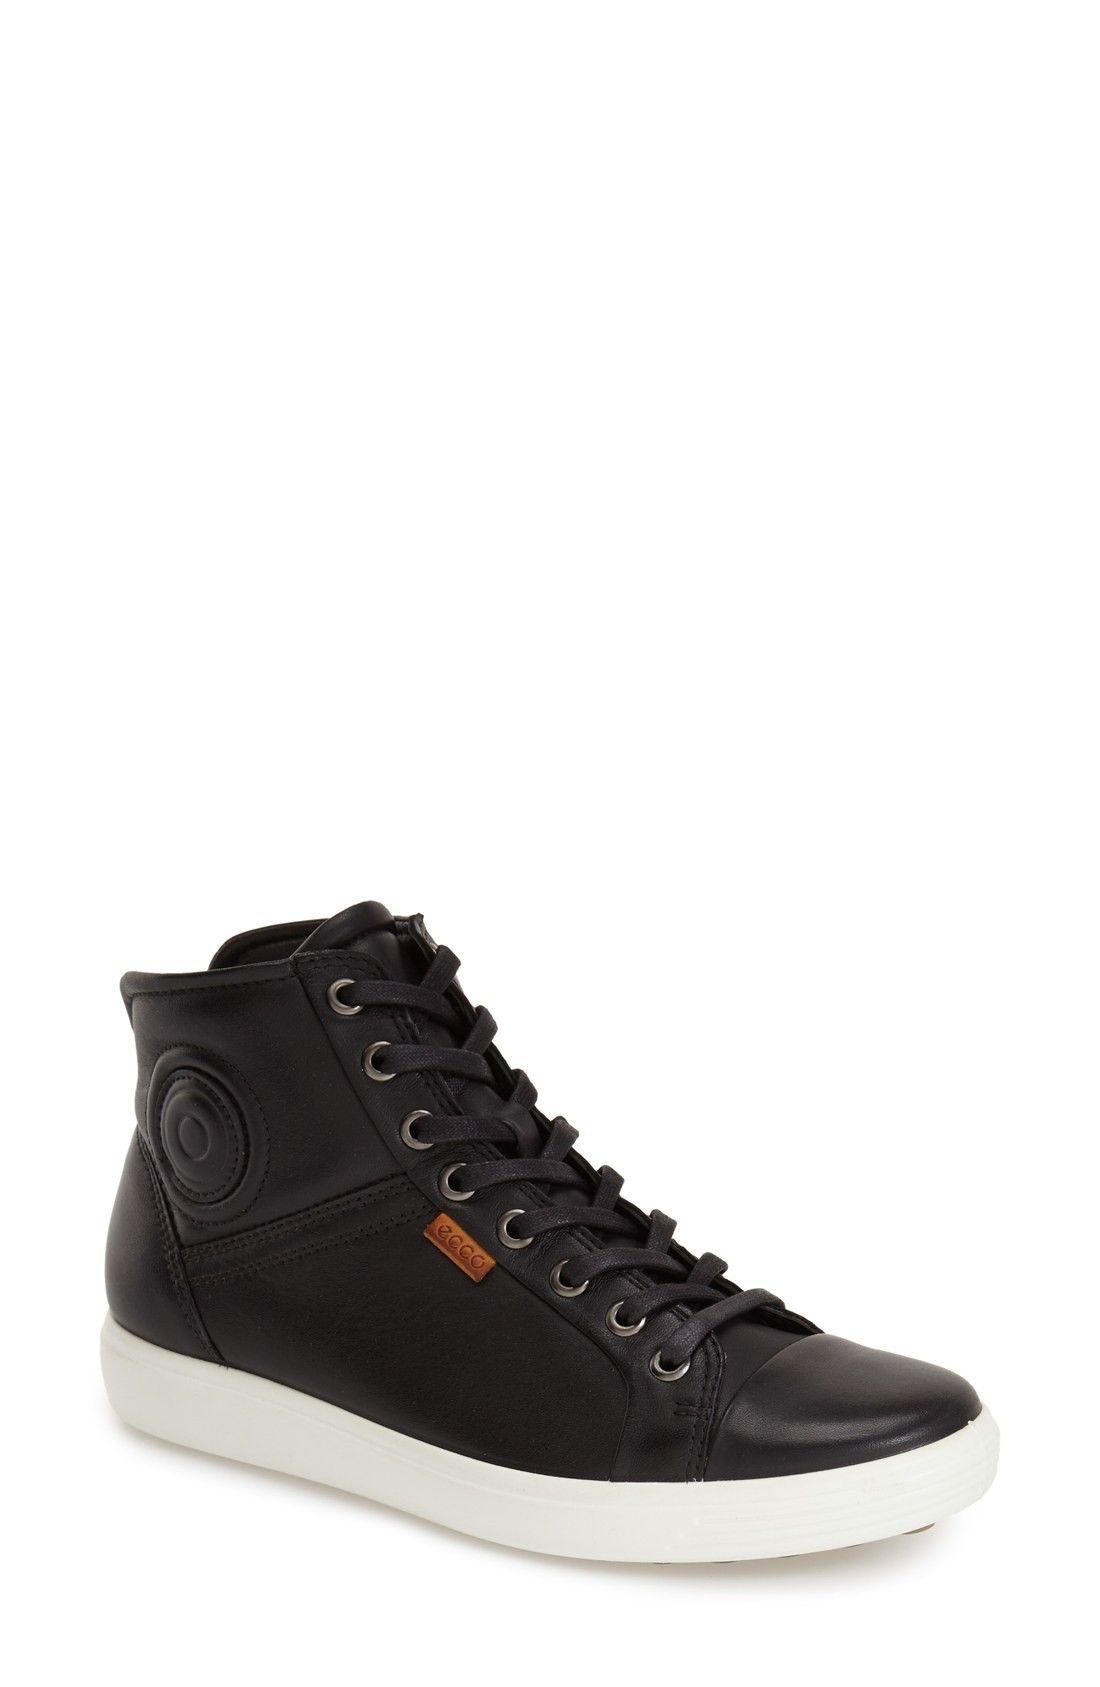 ECCO | 'Soft 7' High Top Sneaker #Shoes #Sneaker #ECCO ...